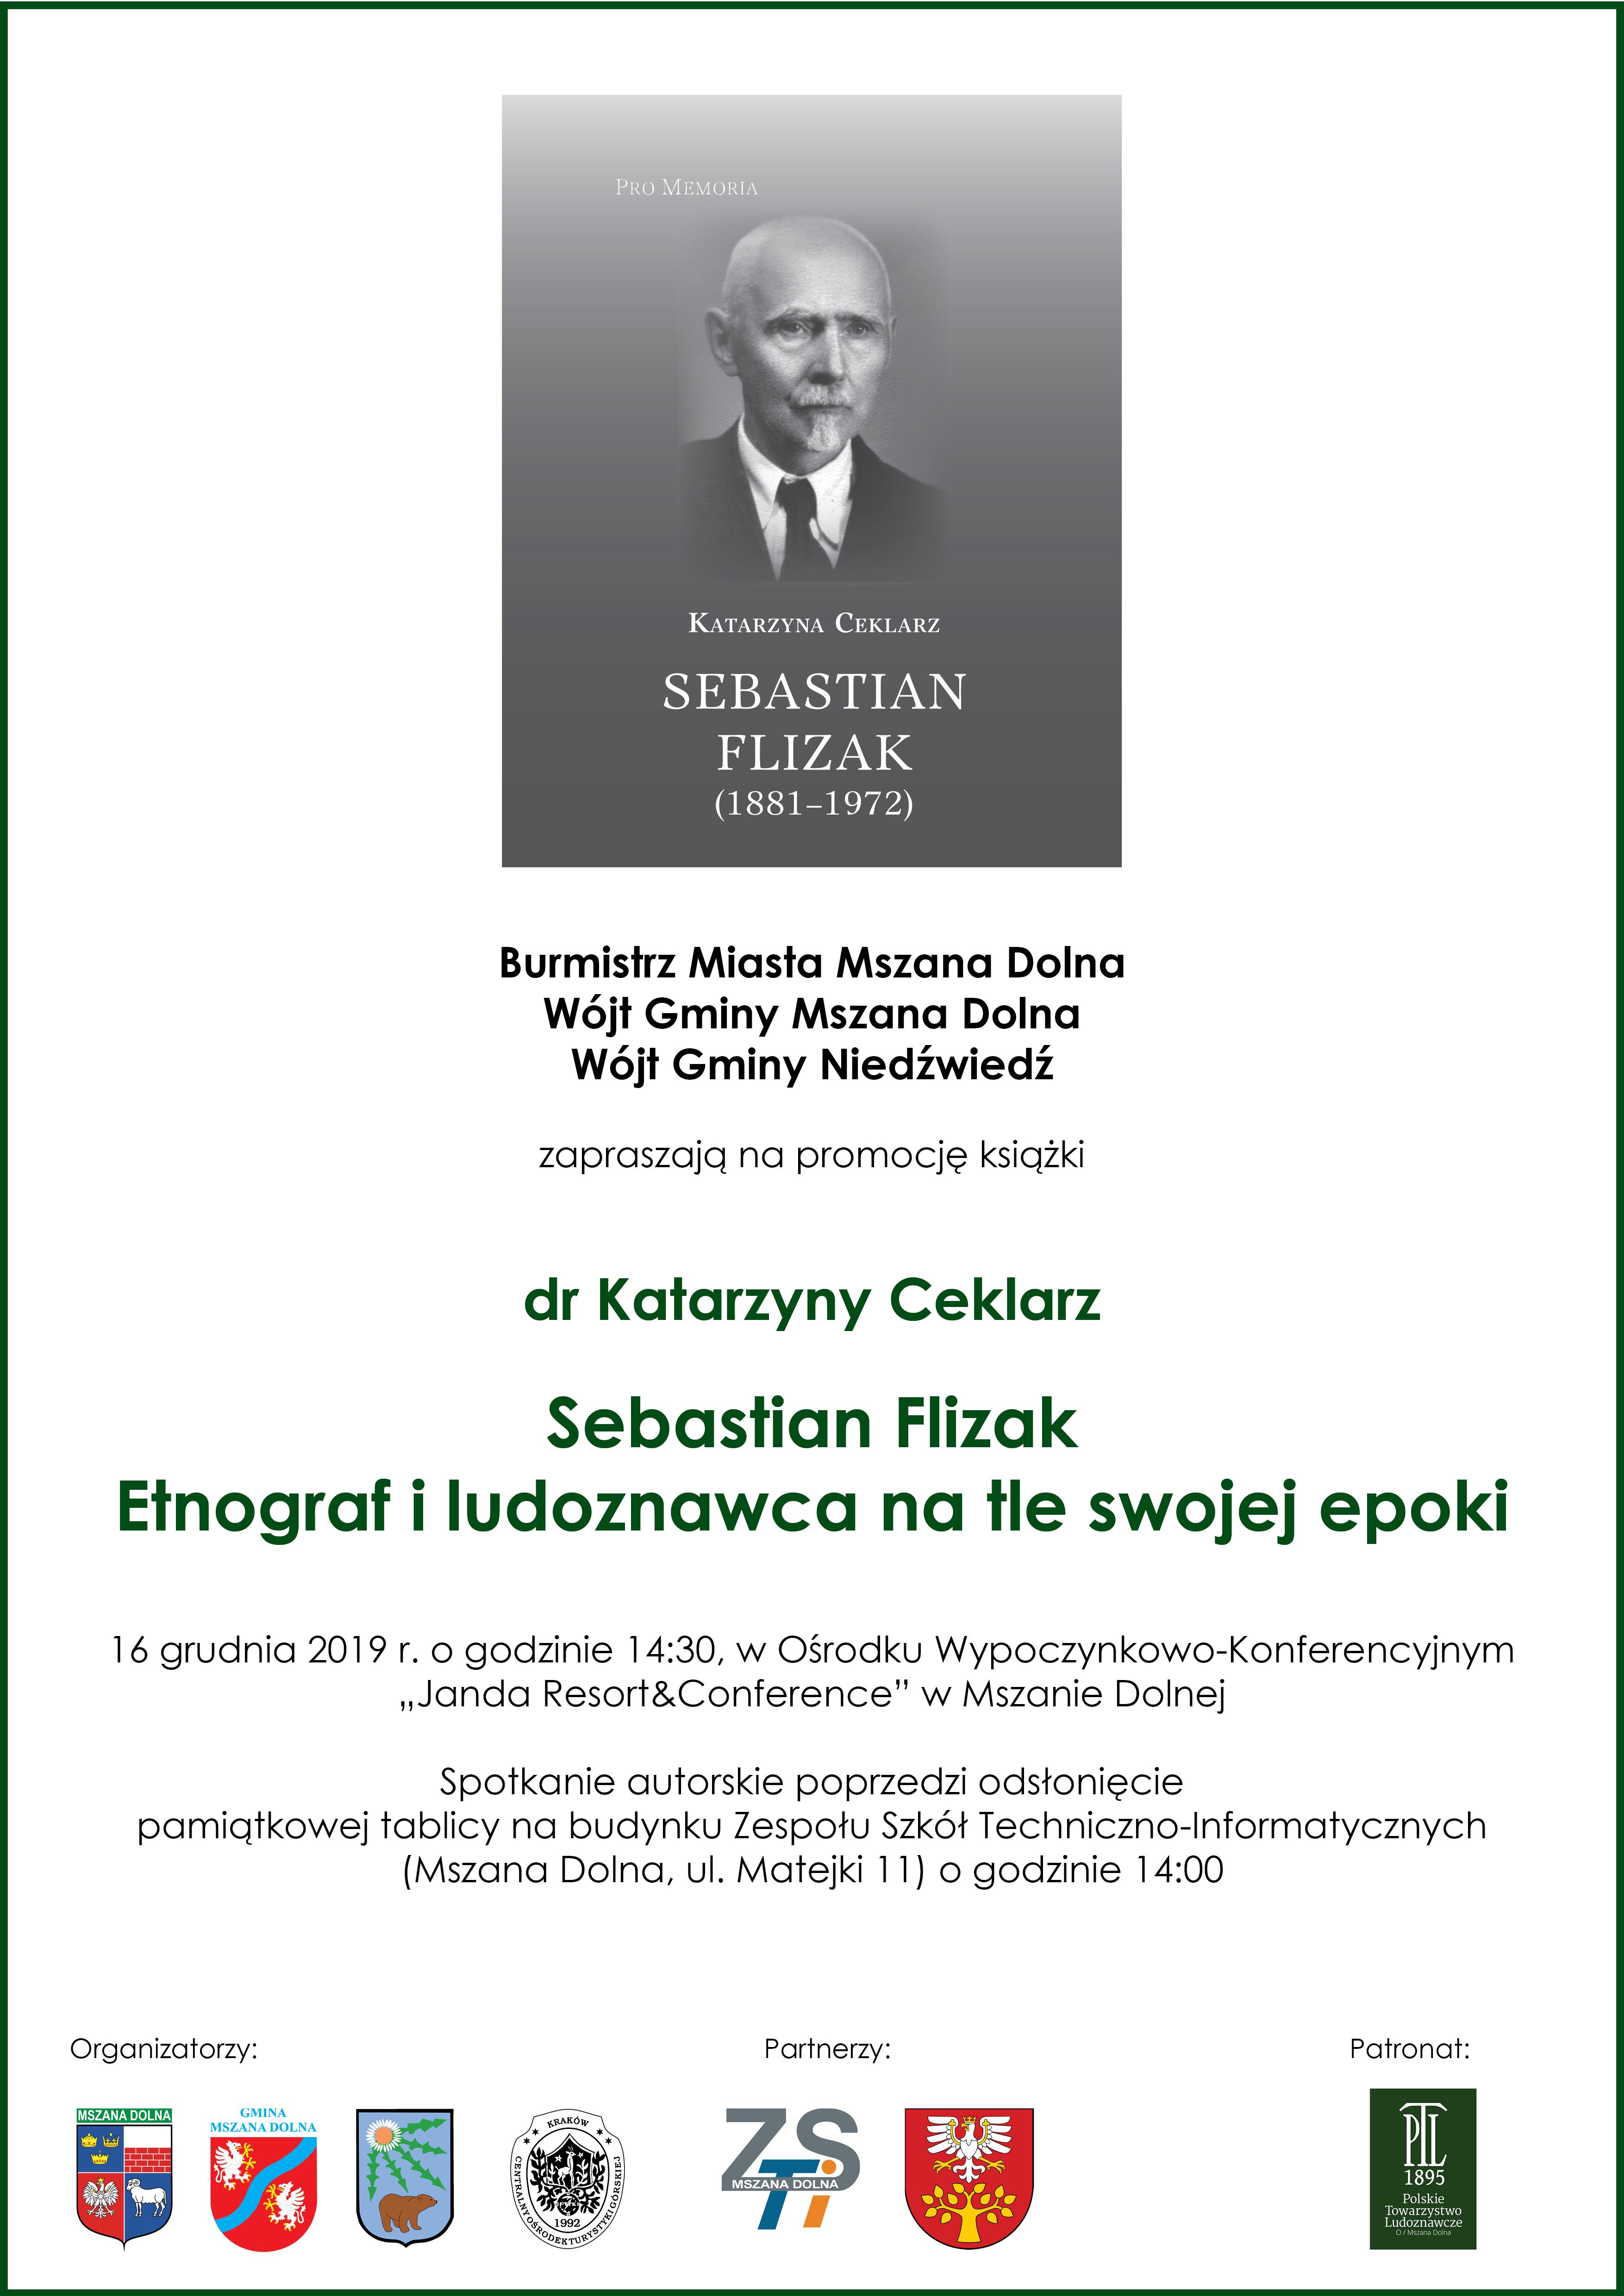 """Promocja książki dr katarzyny Ceklarz pt. """"Sebastian Flizak- Etnograf i ludoznawca na tle swojej epoki"""" - plakat informacyjny"""